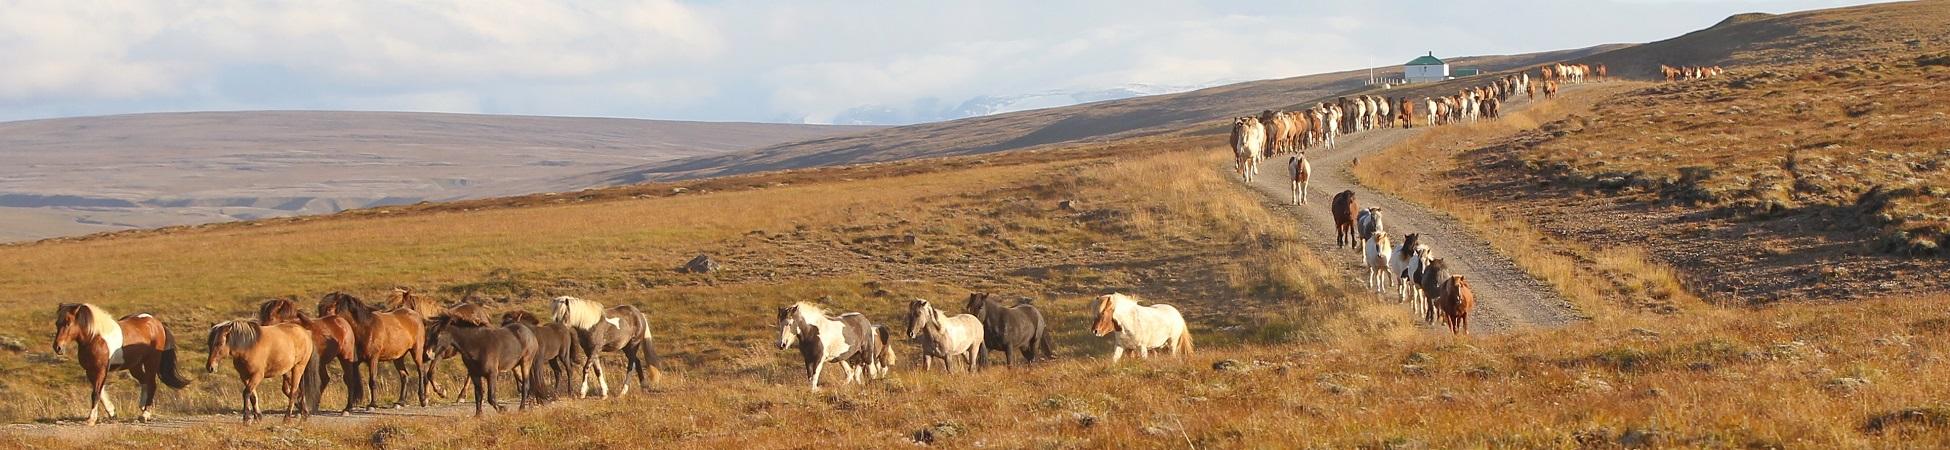 Die Herde auf dem Weg zum Pferch